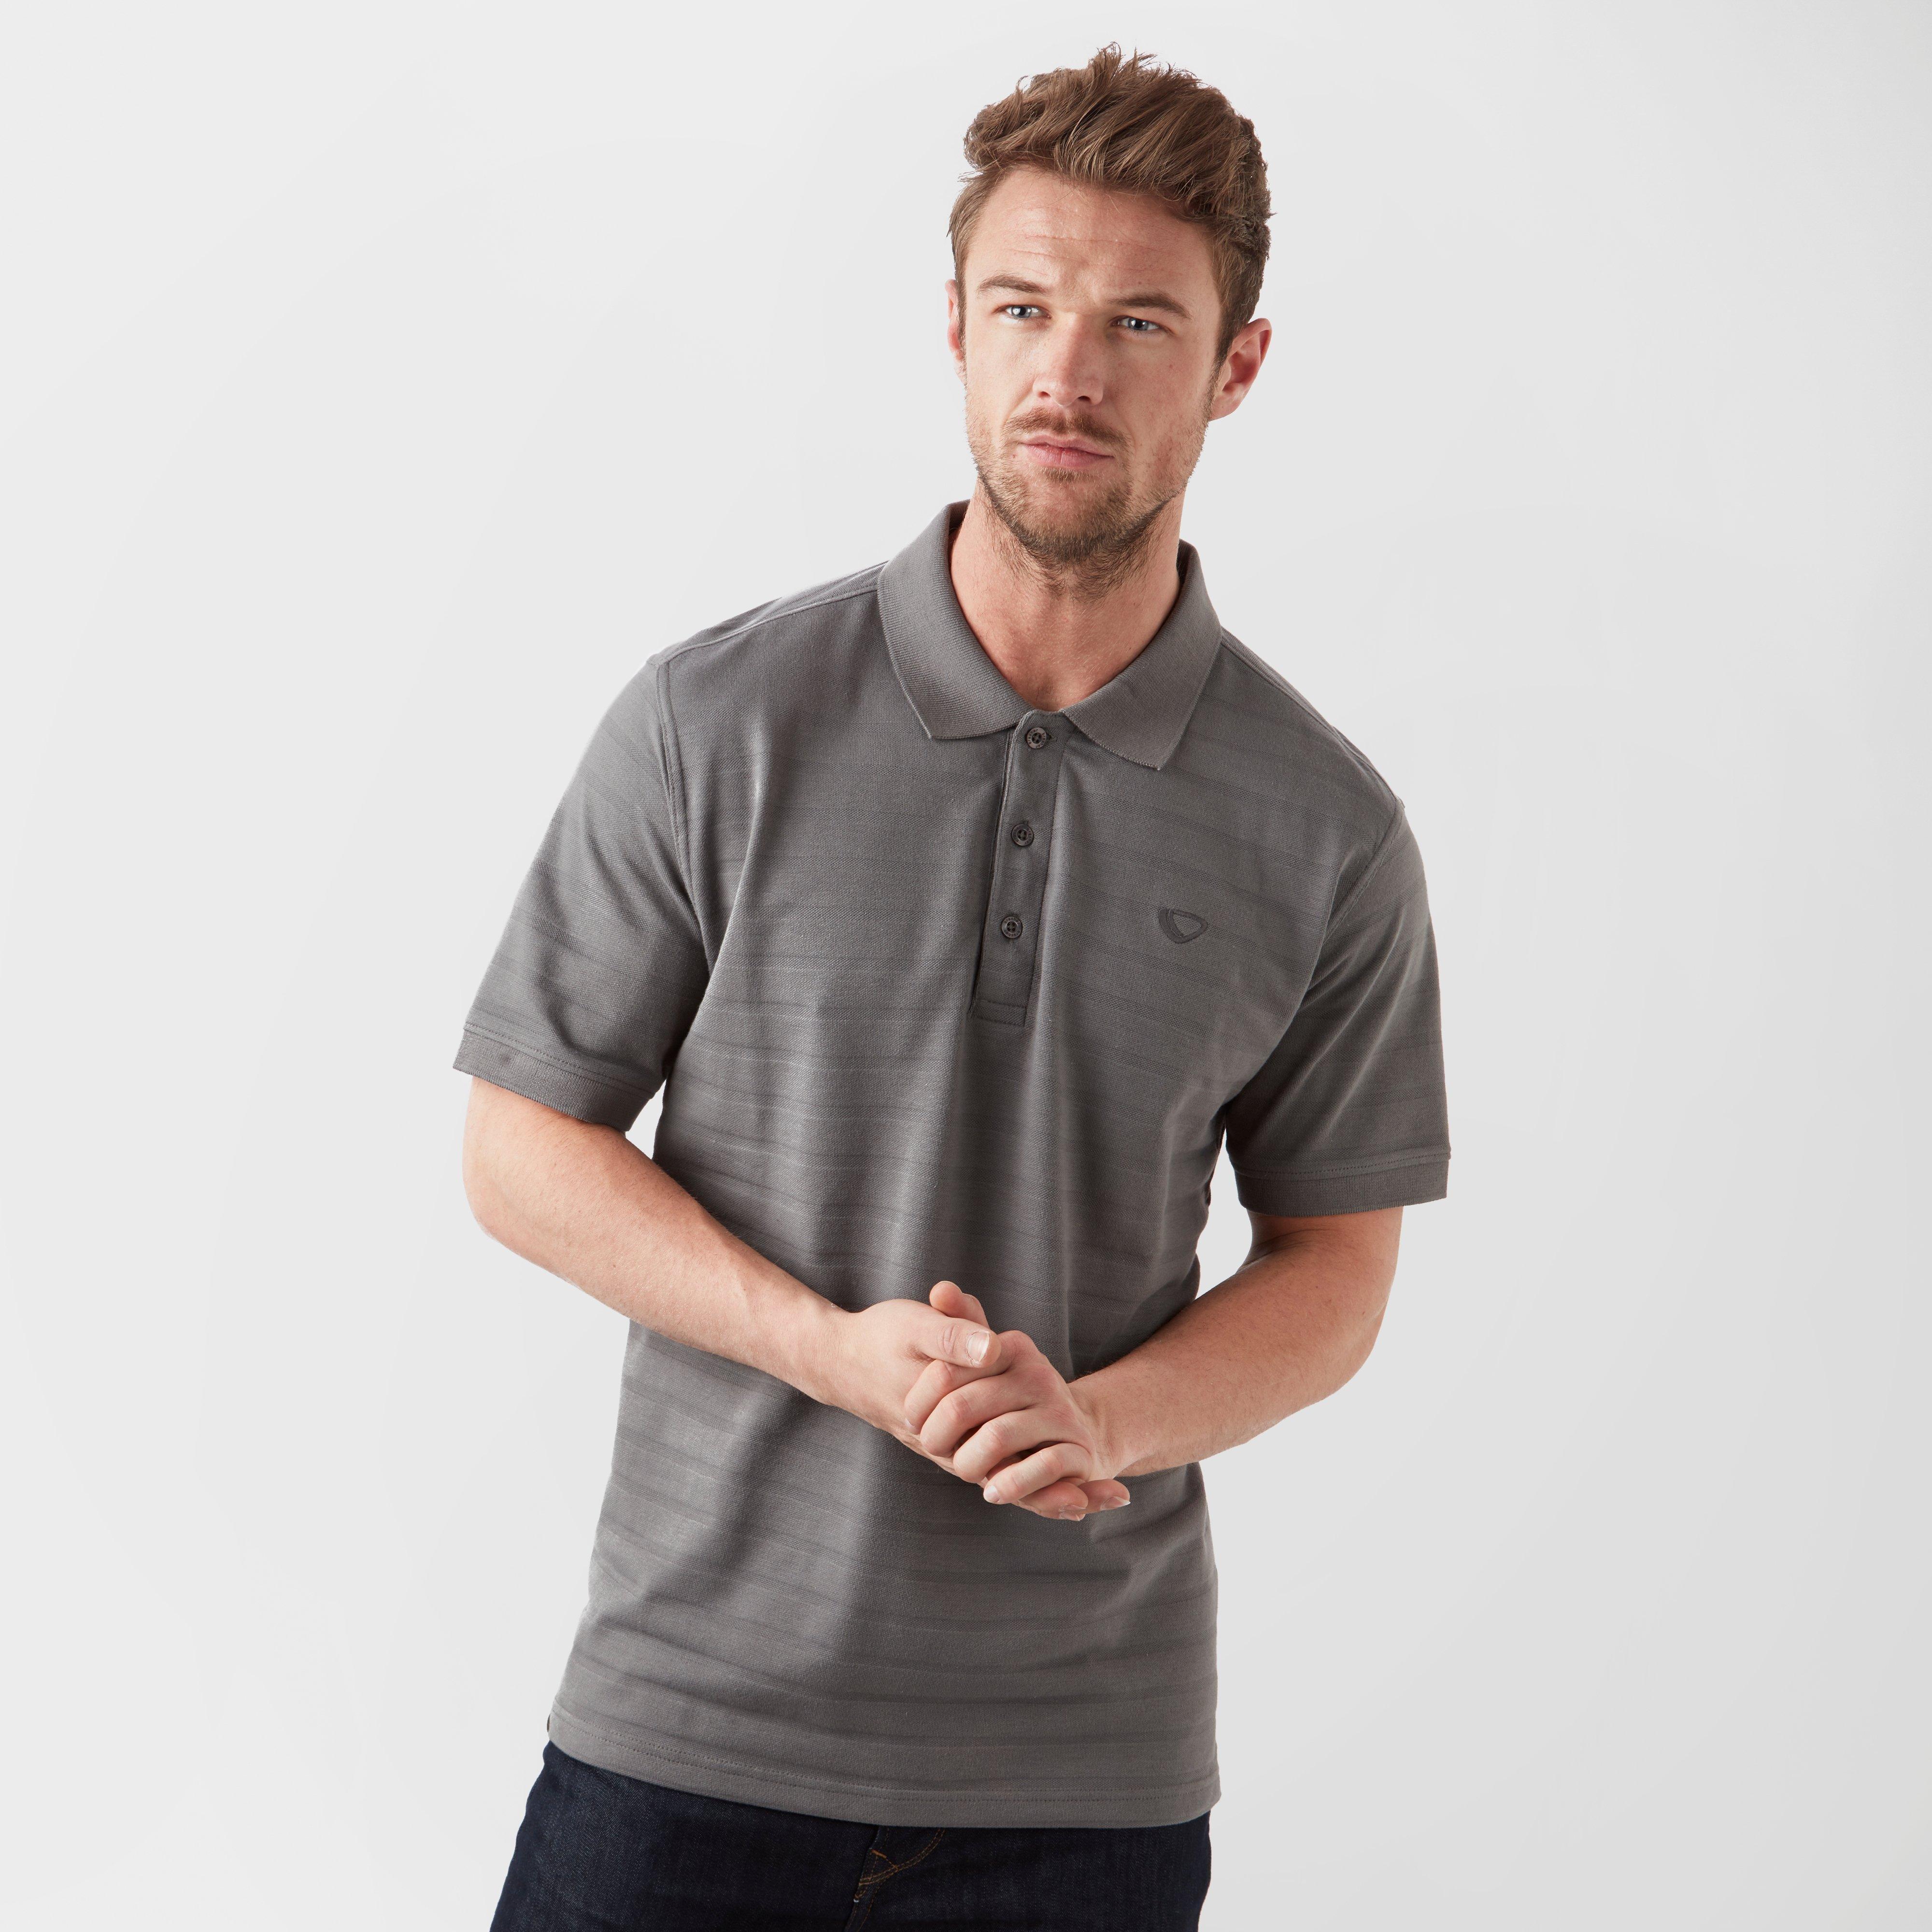 Brasher Men's Polo Shirt - Grey/Mgy, Grey